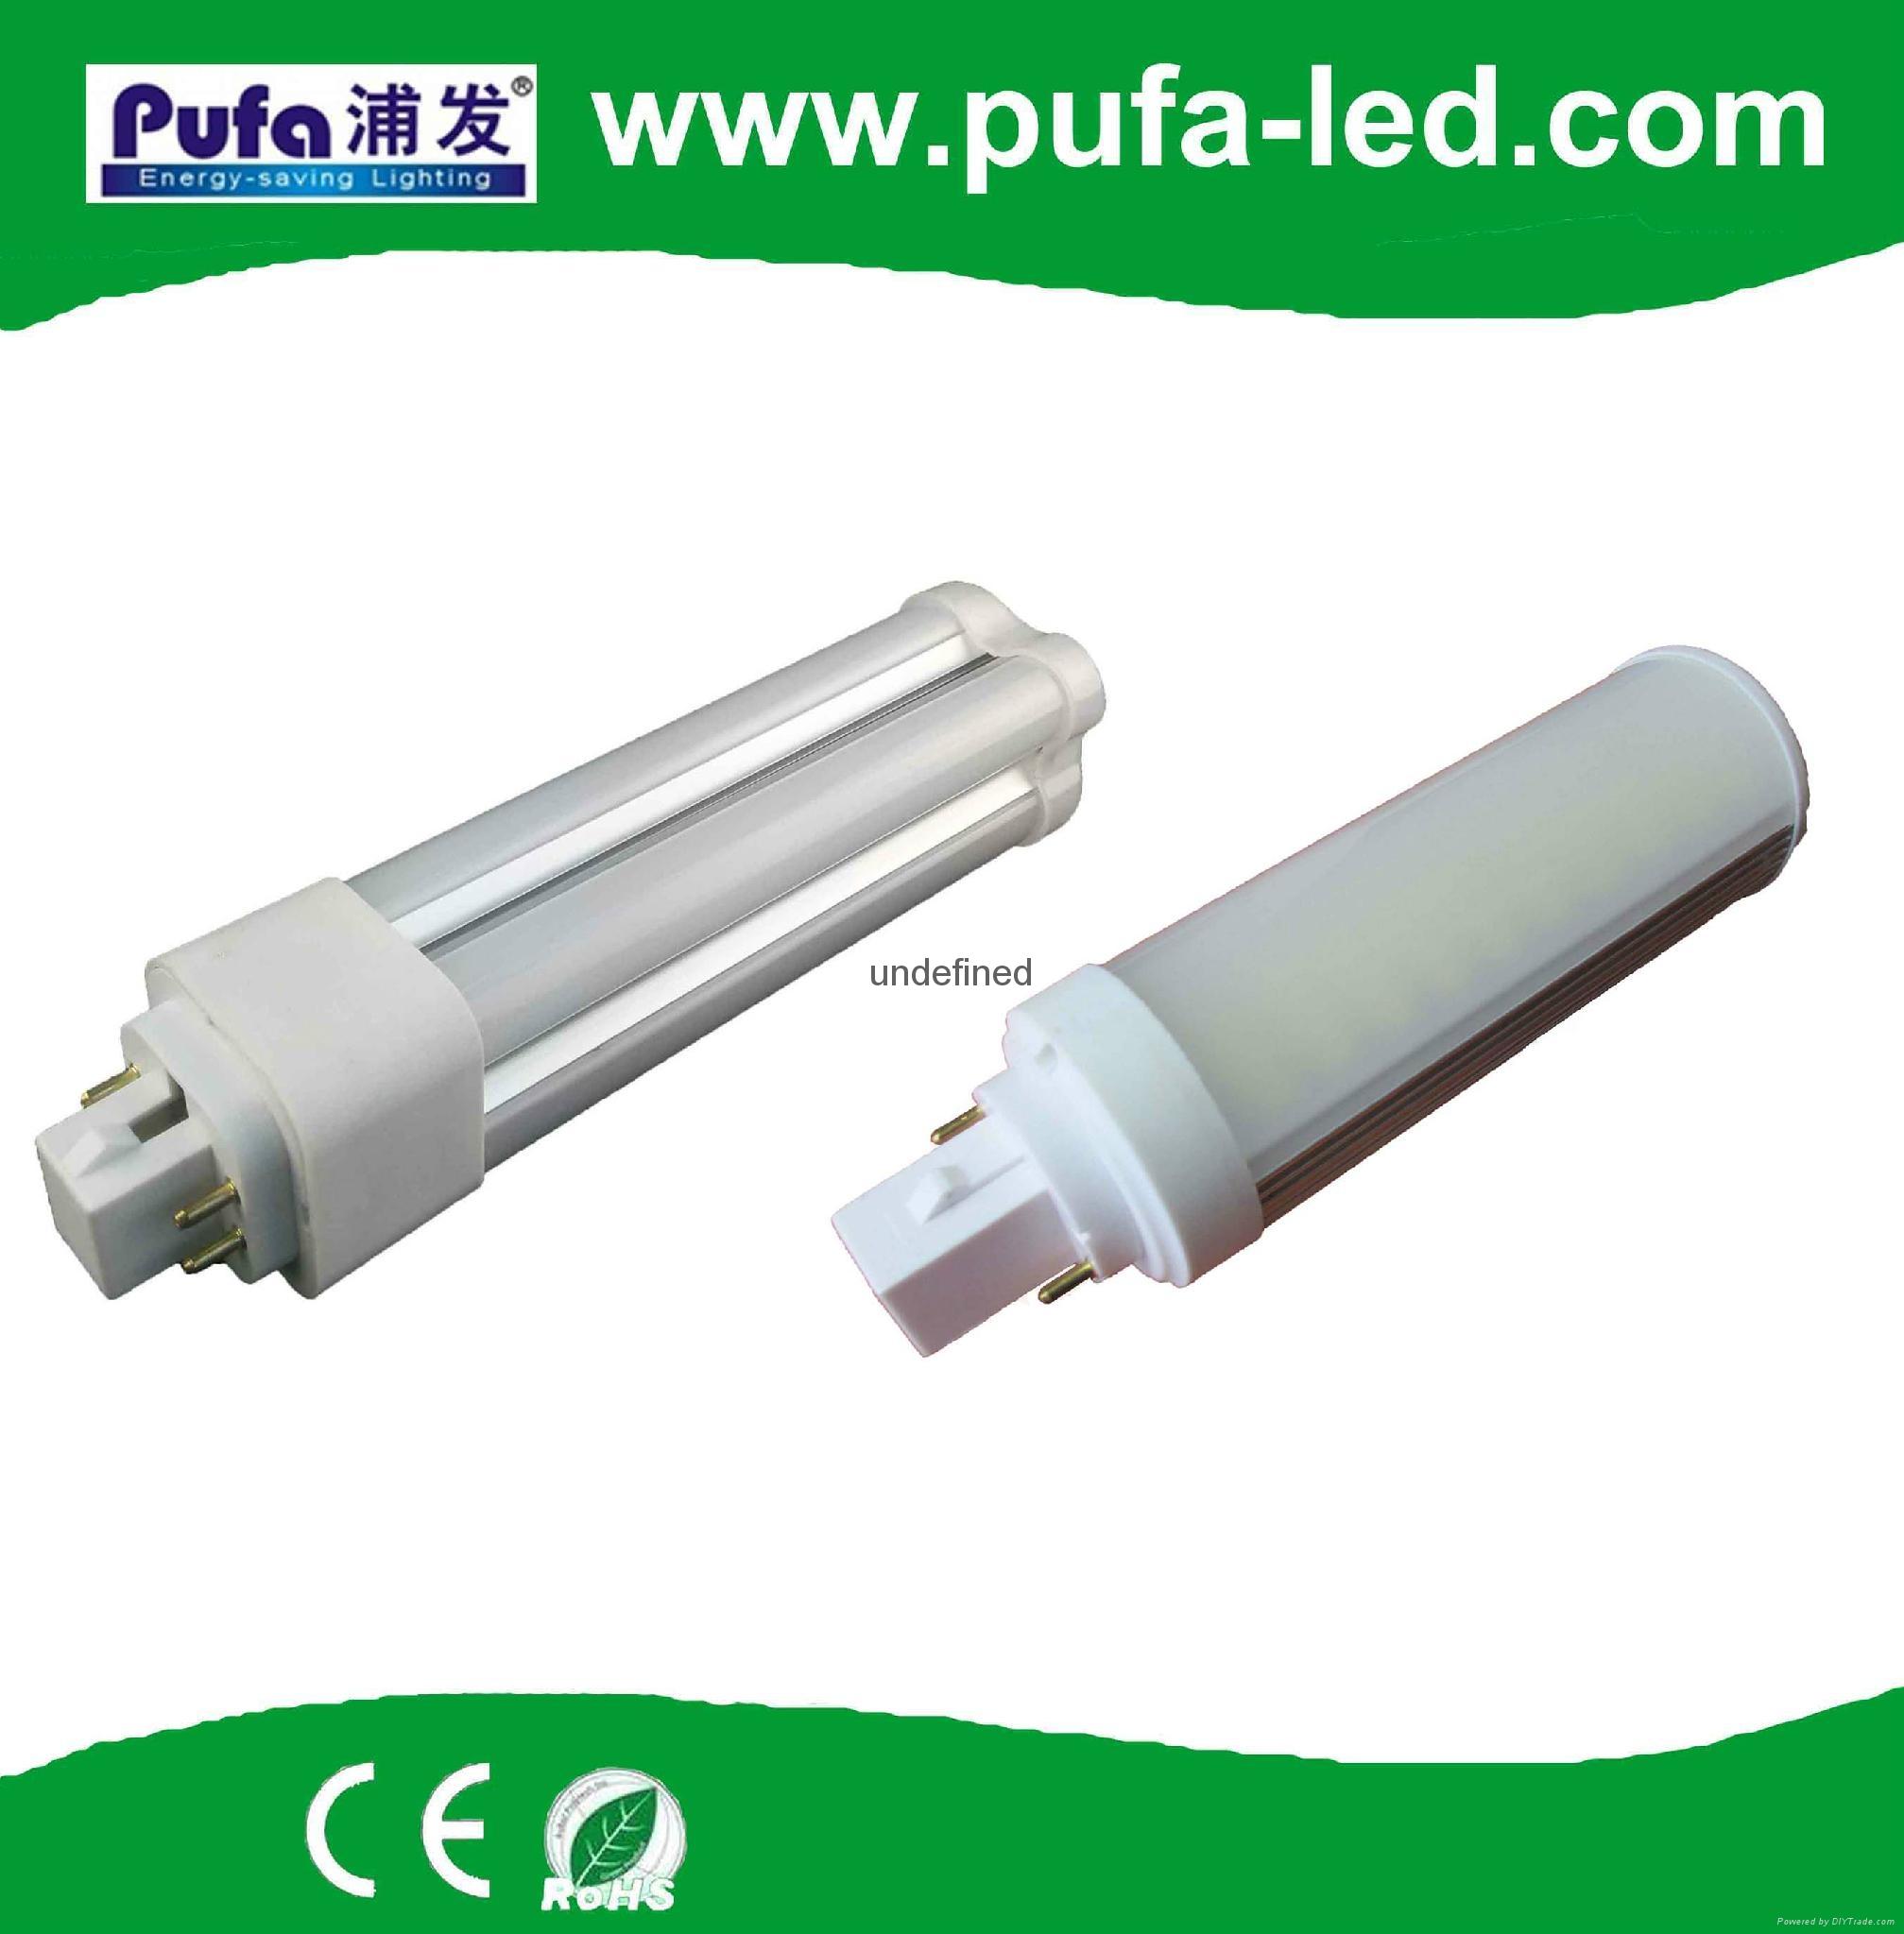 G24 LED 插拔灯7W 2